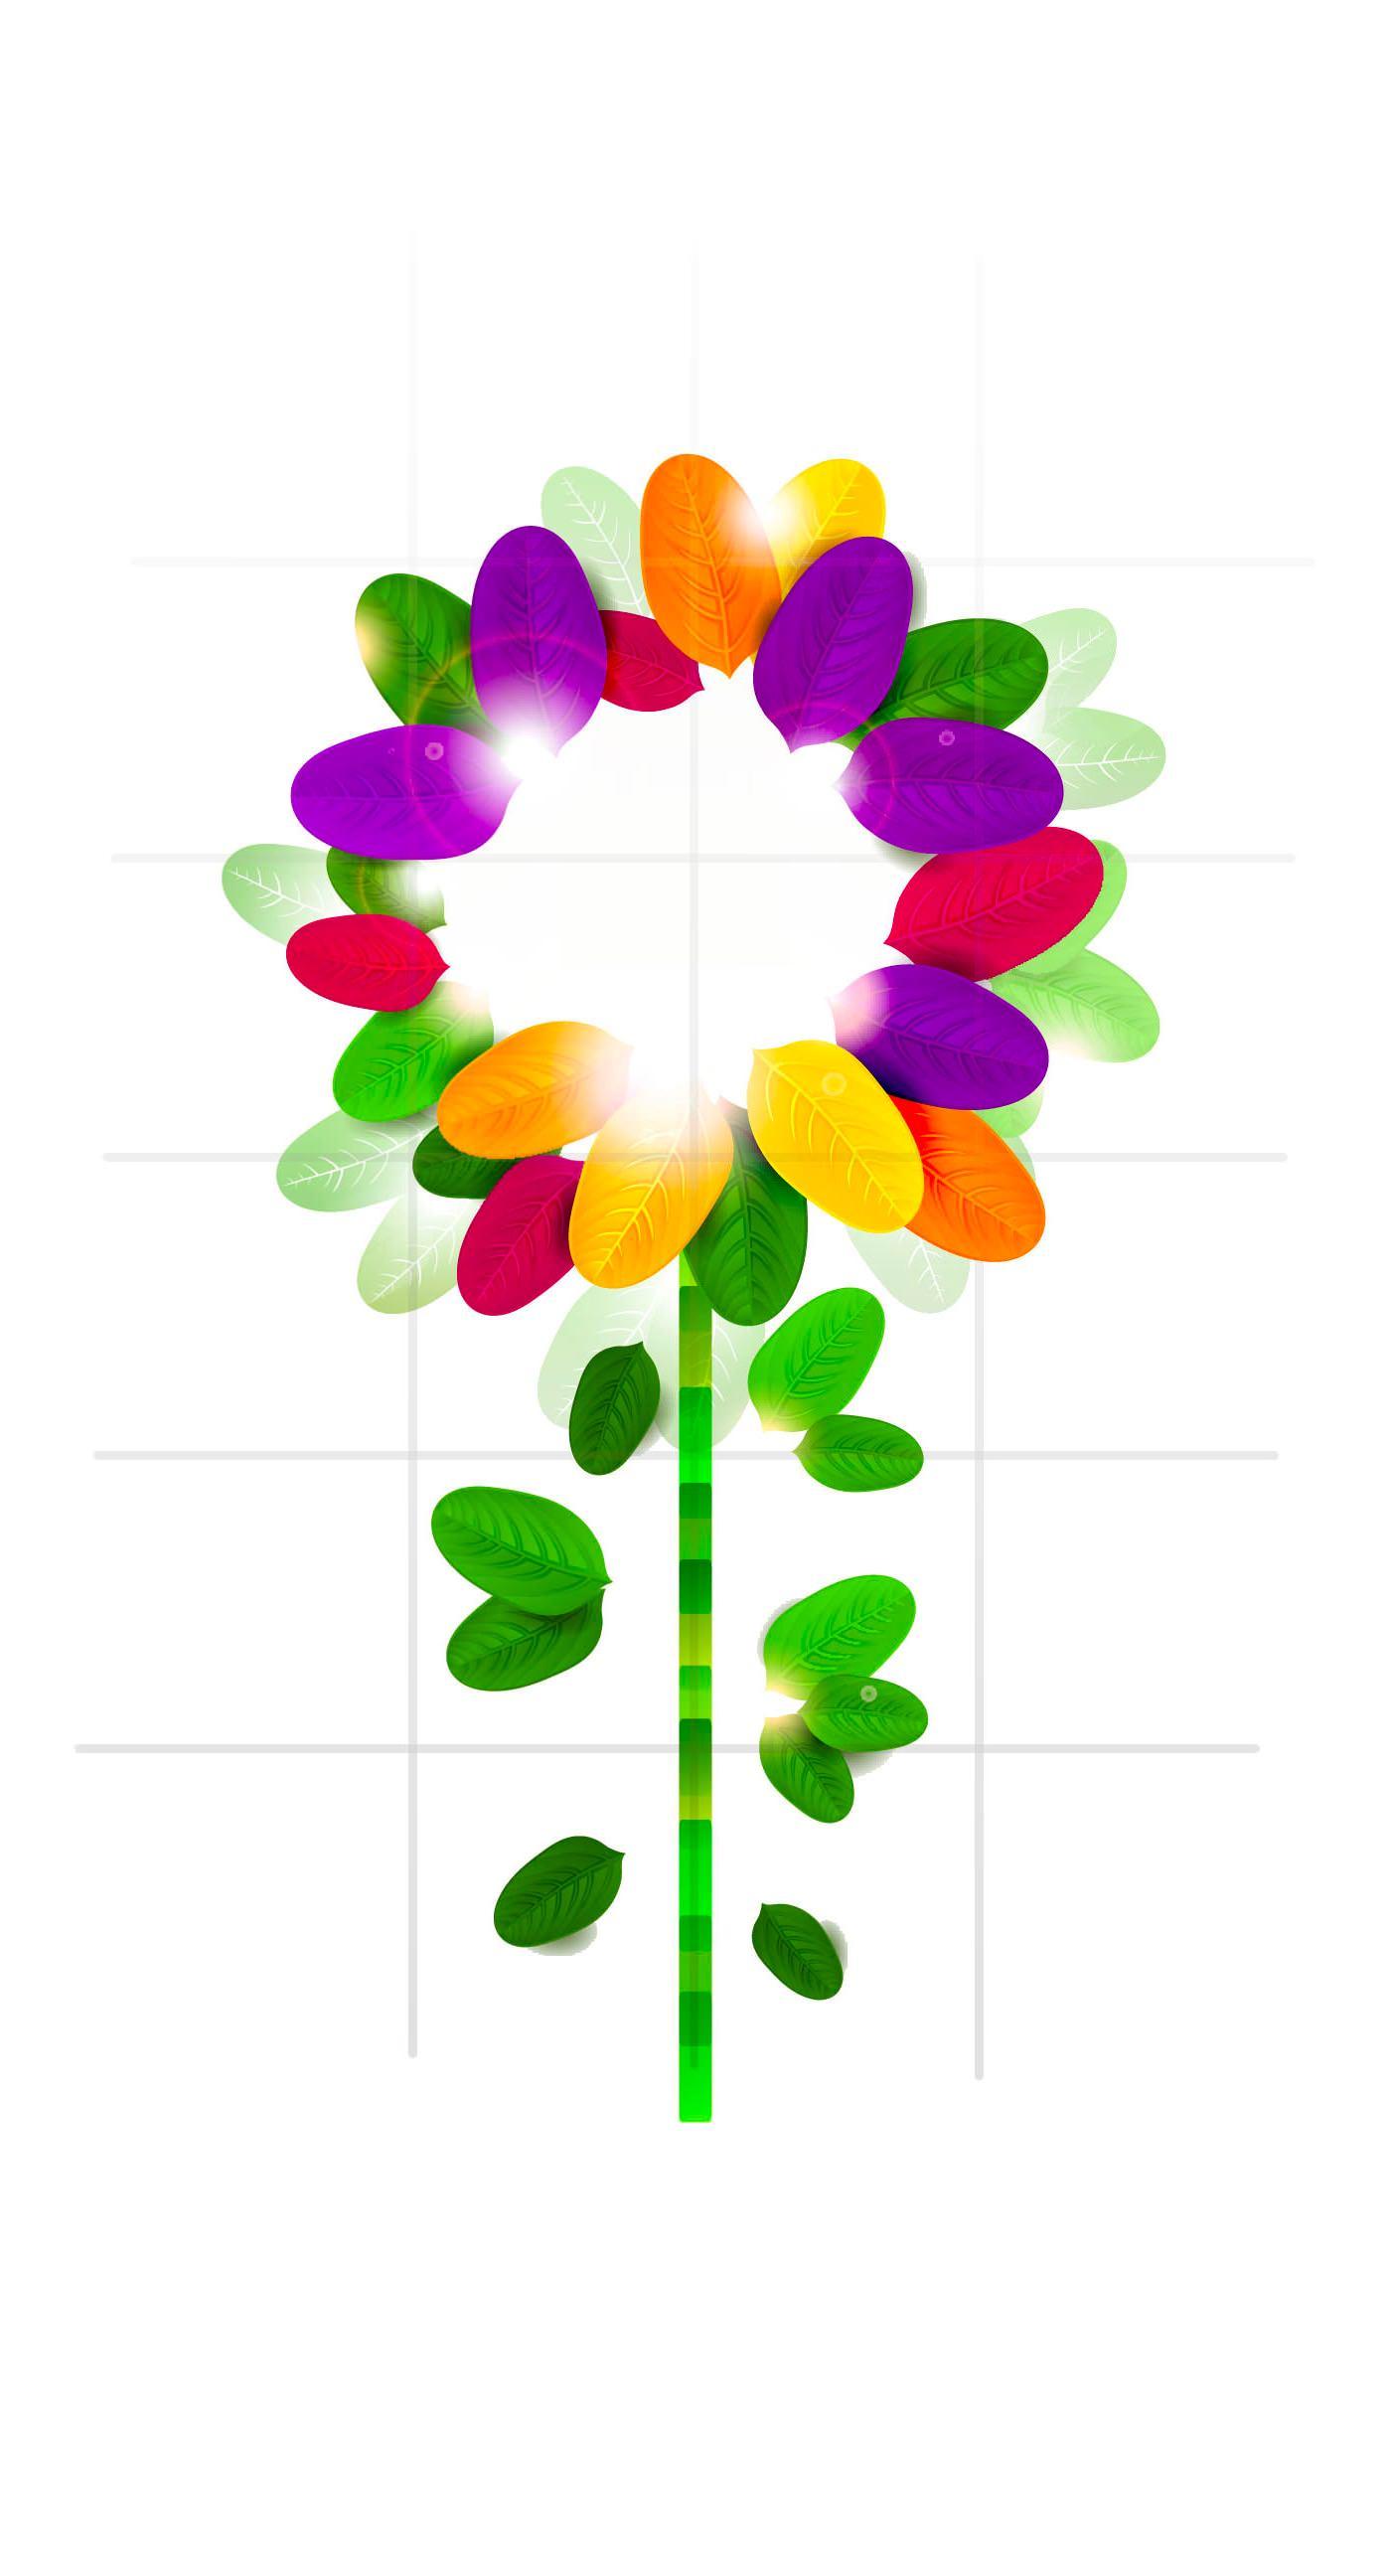 模様イラスト花女子向け棚緑カラフル Iphone7plus壁紙 Iphone 7